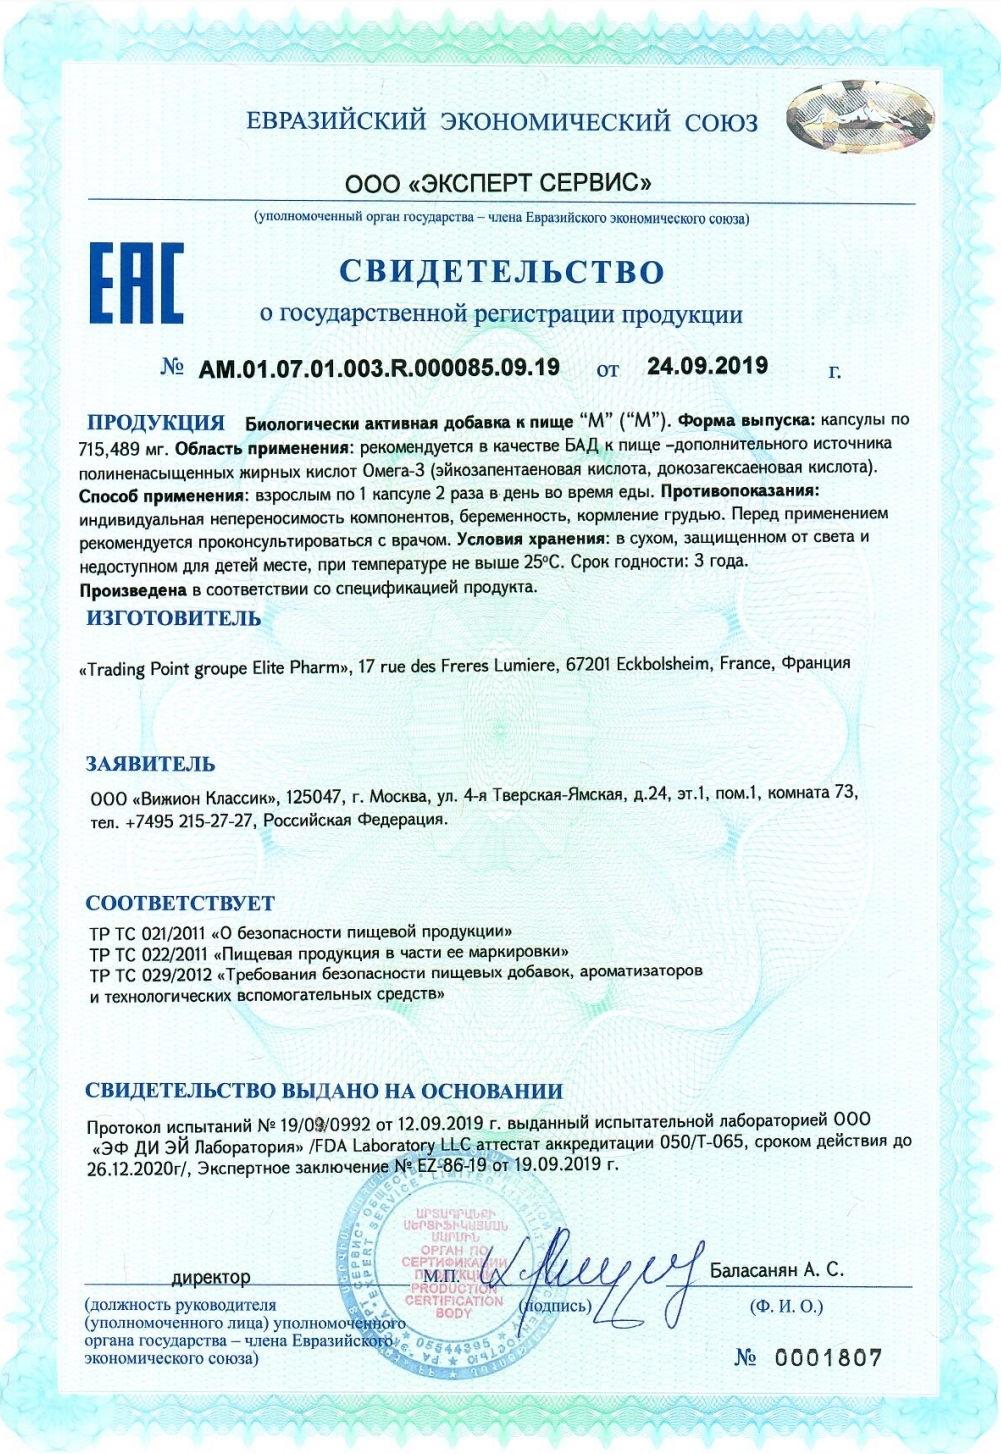 M projectV svidetelstvo o gosudarstvennoy registracii